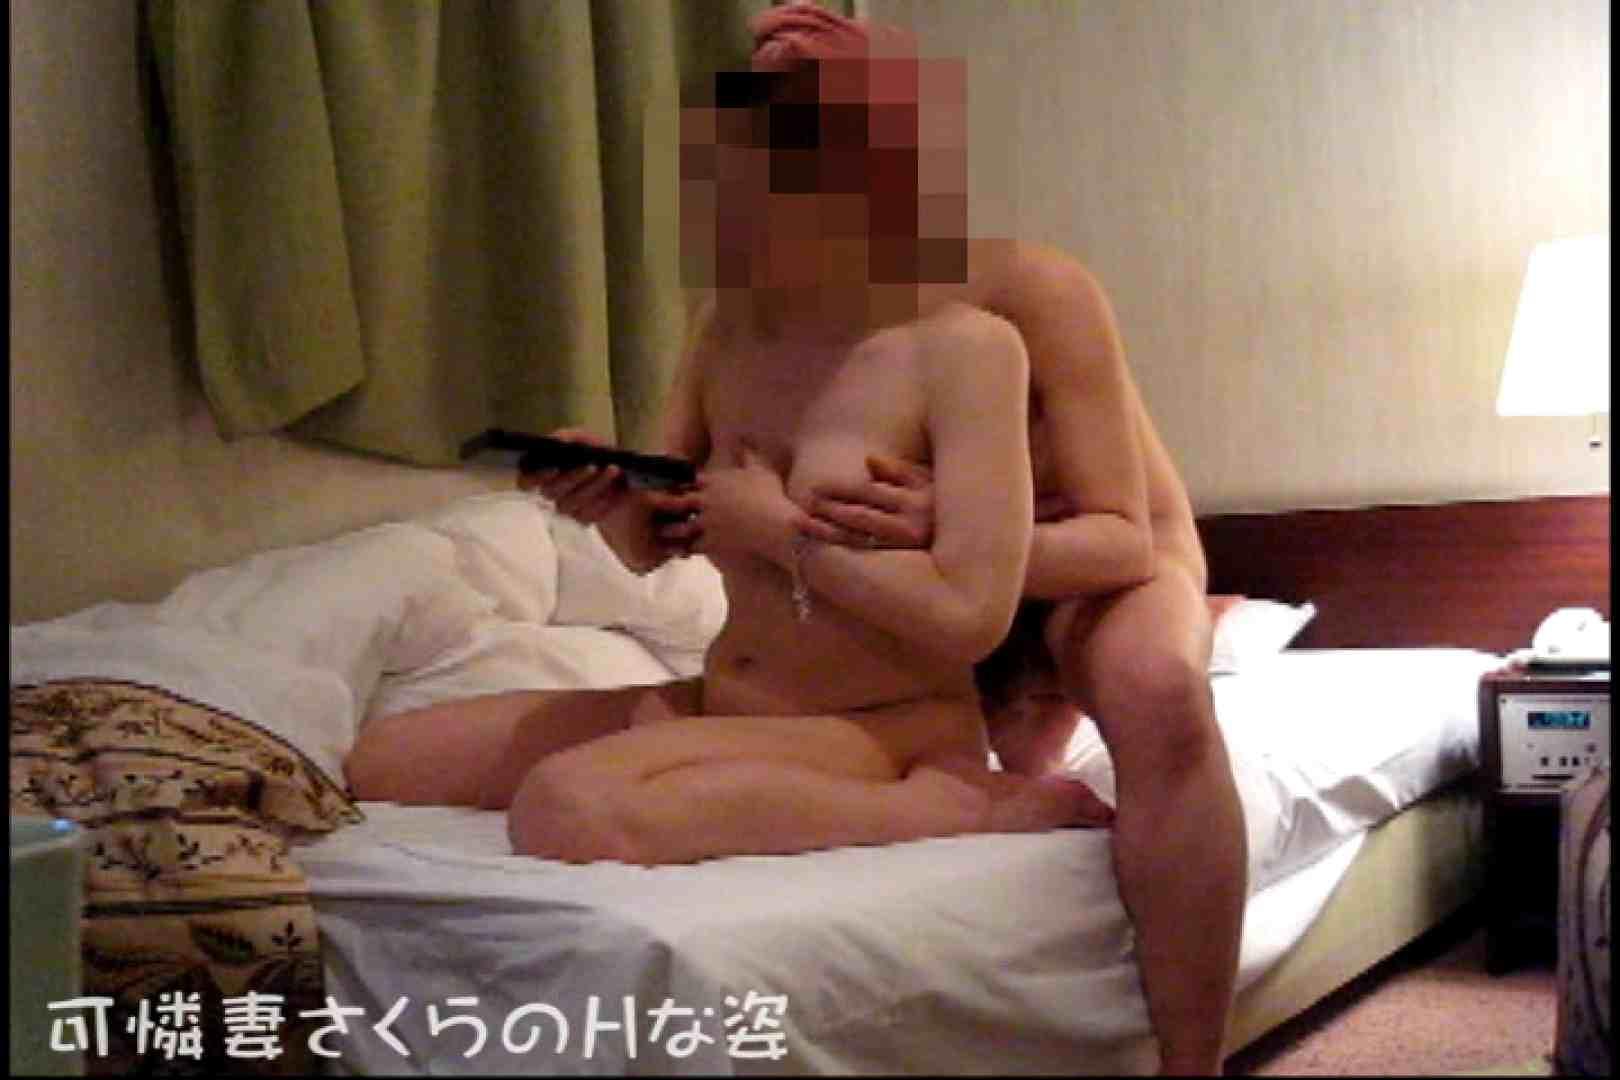 可憐妻さくらのHな姿vol.5前編 色っぽいOL達 AV動画キャプチャ 65pic 7